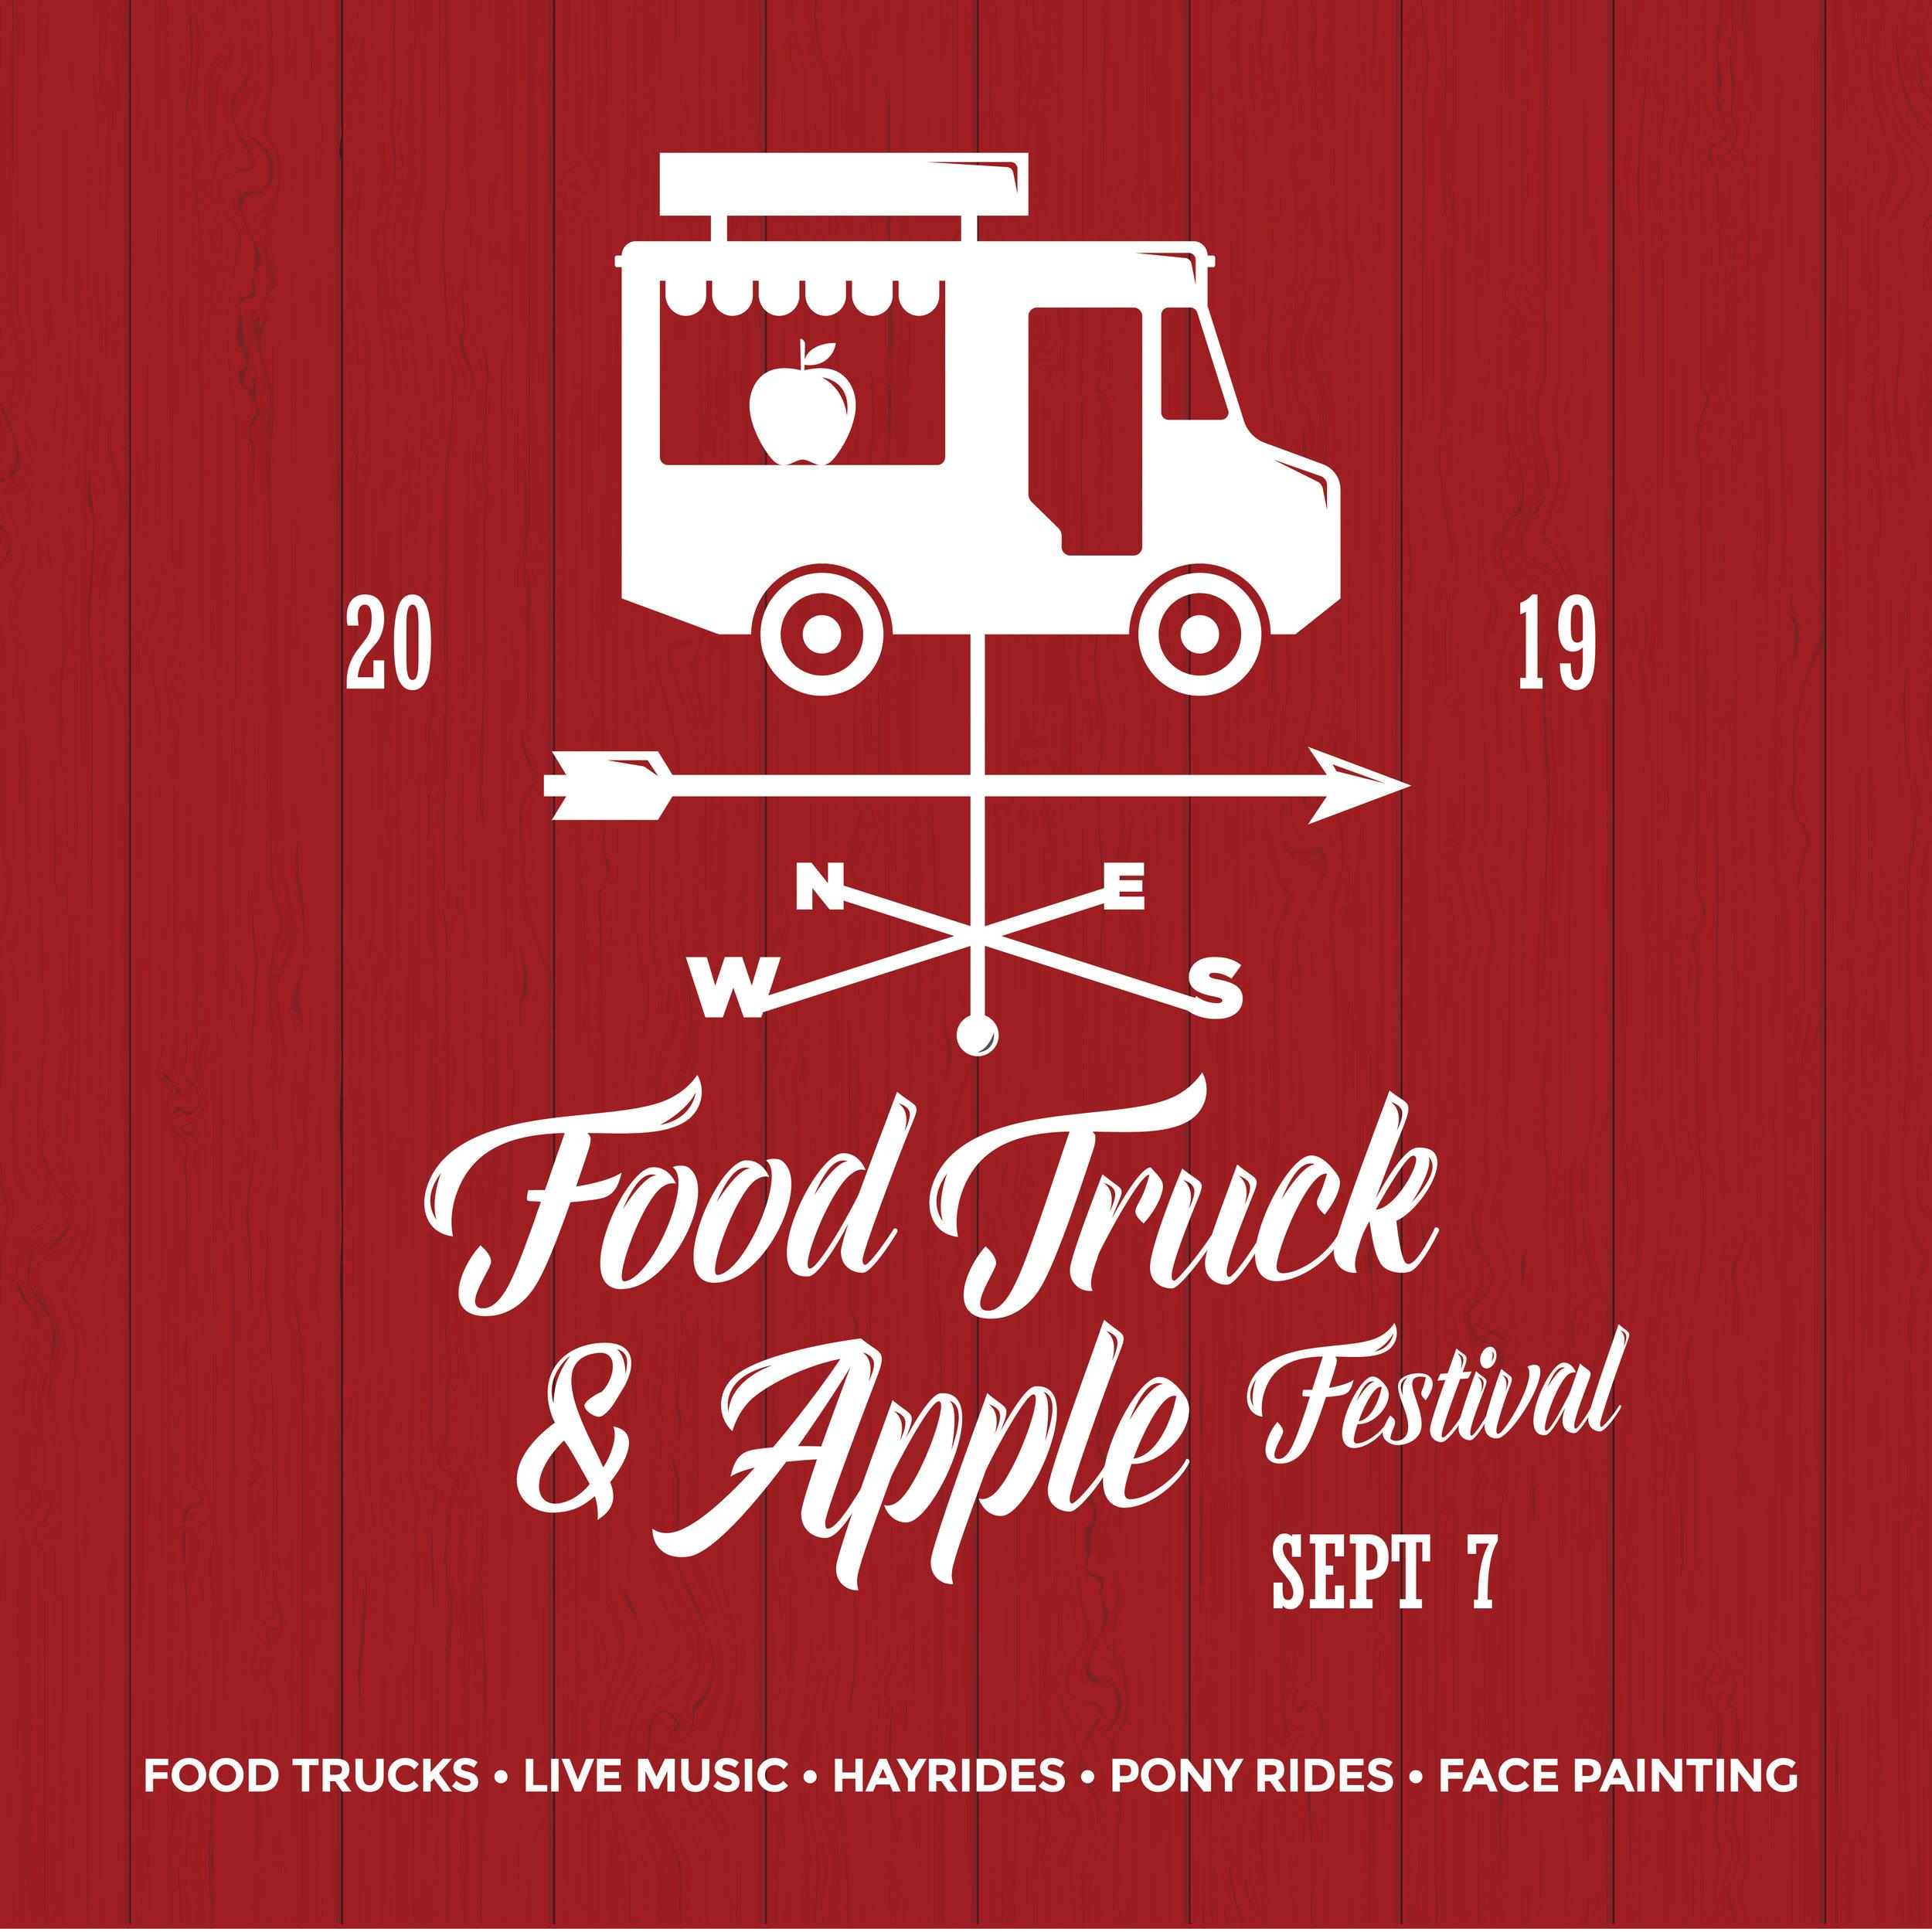 food_truck_2019_social_media-01.jpg